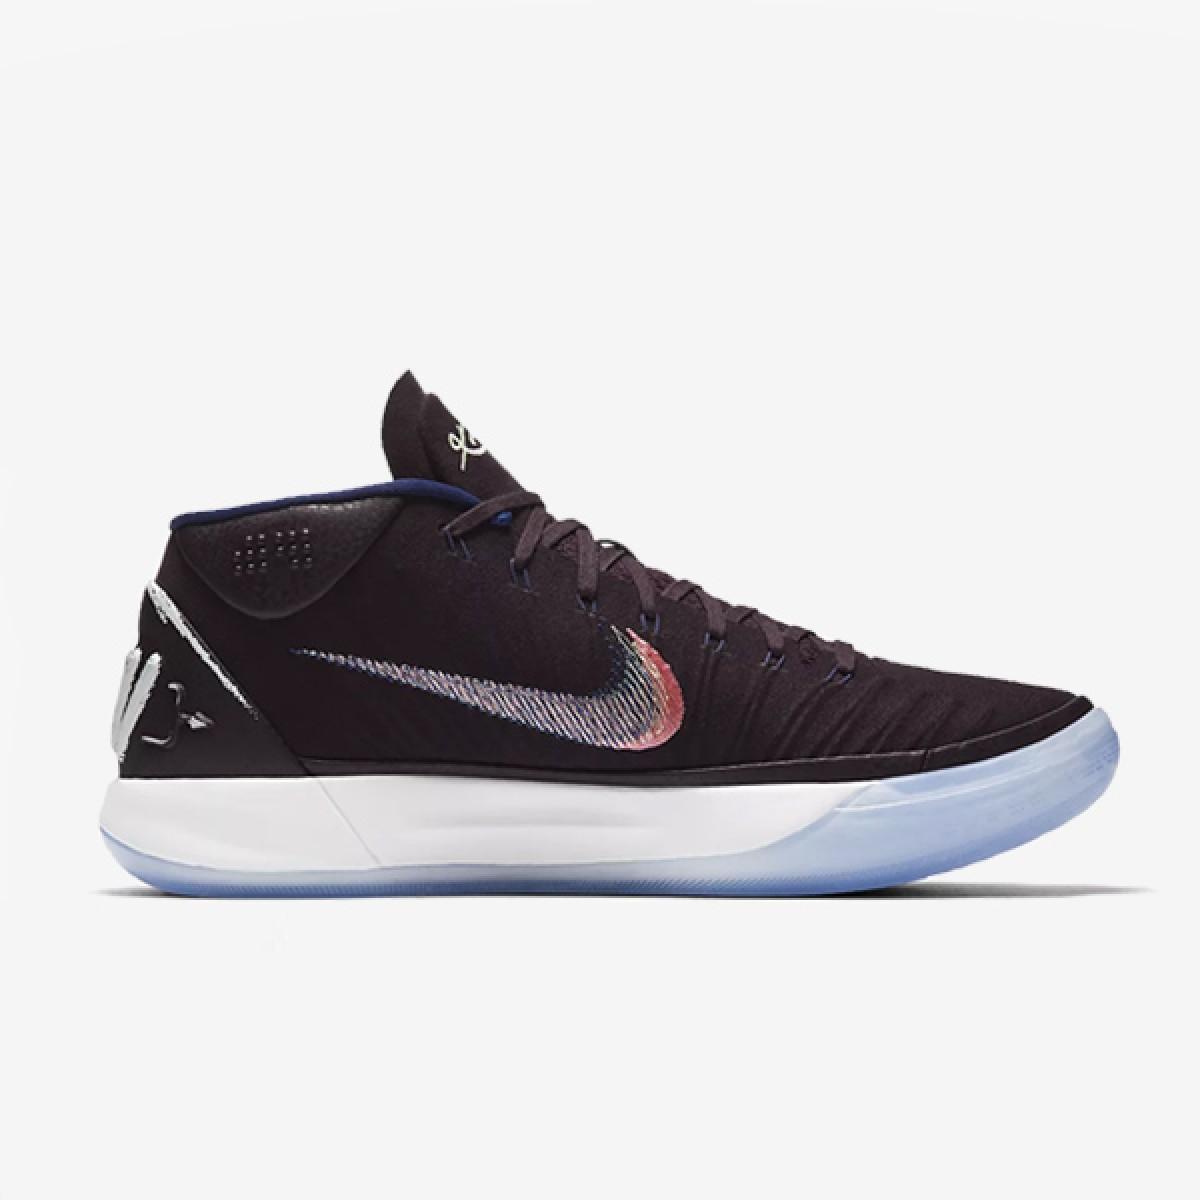 Nike Kobe AD Mid 'Port Wine'